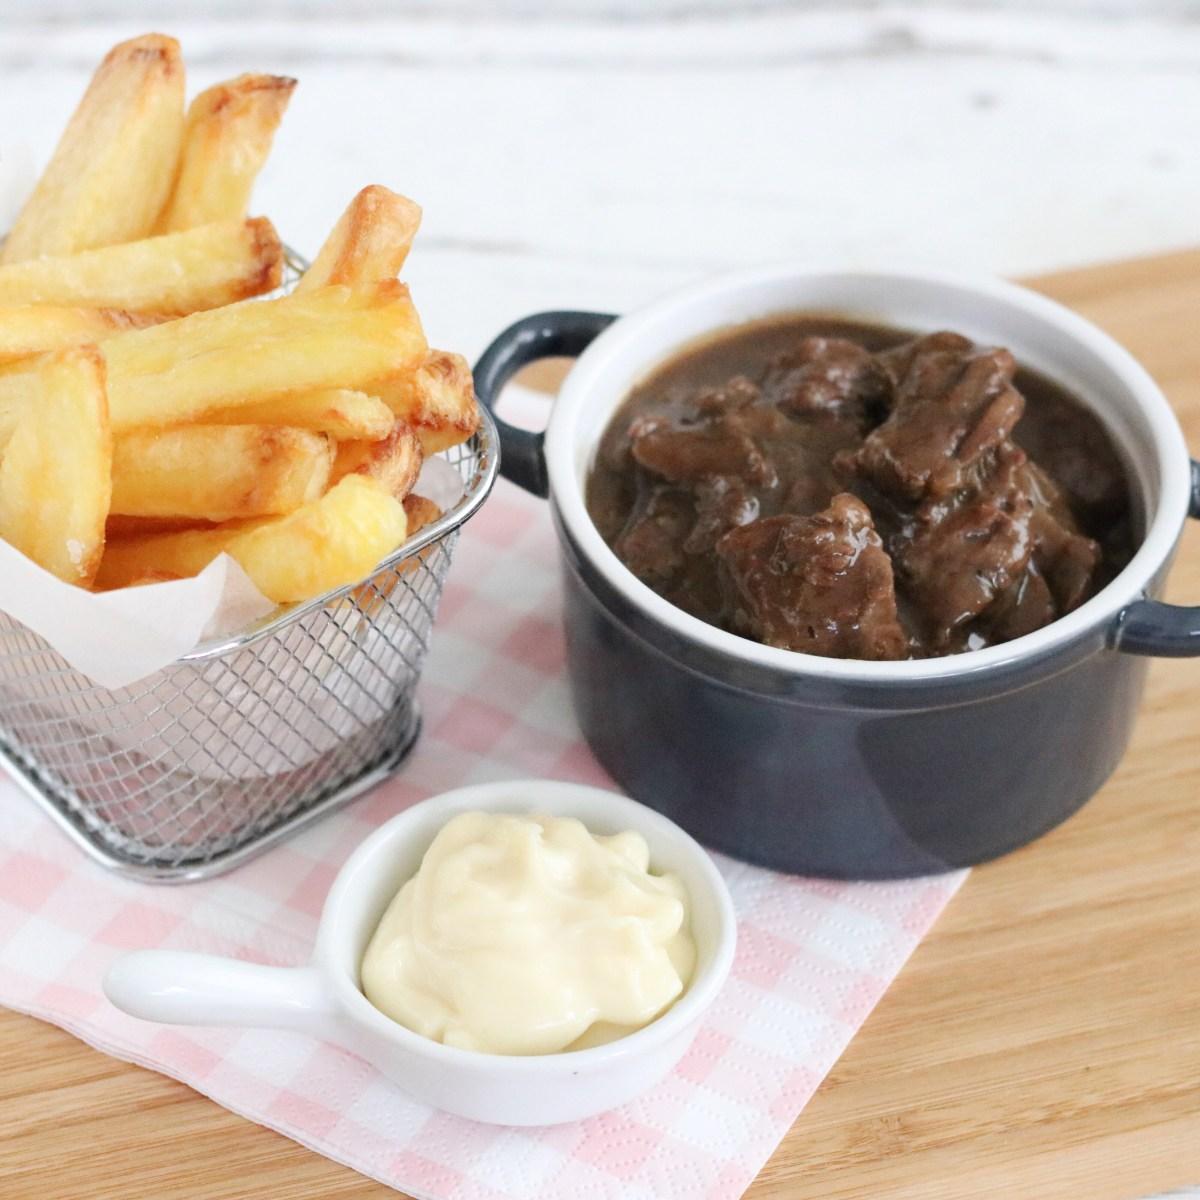 Vlaamse stoverij met friet